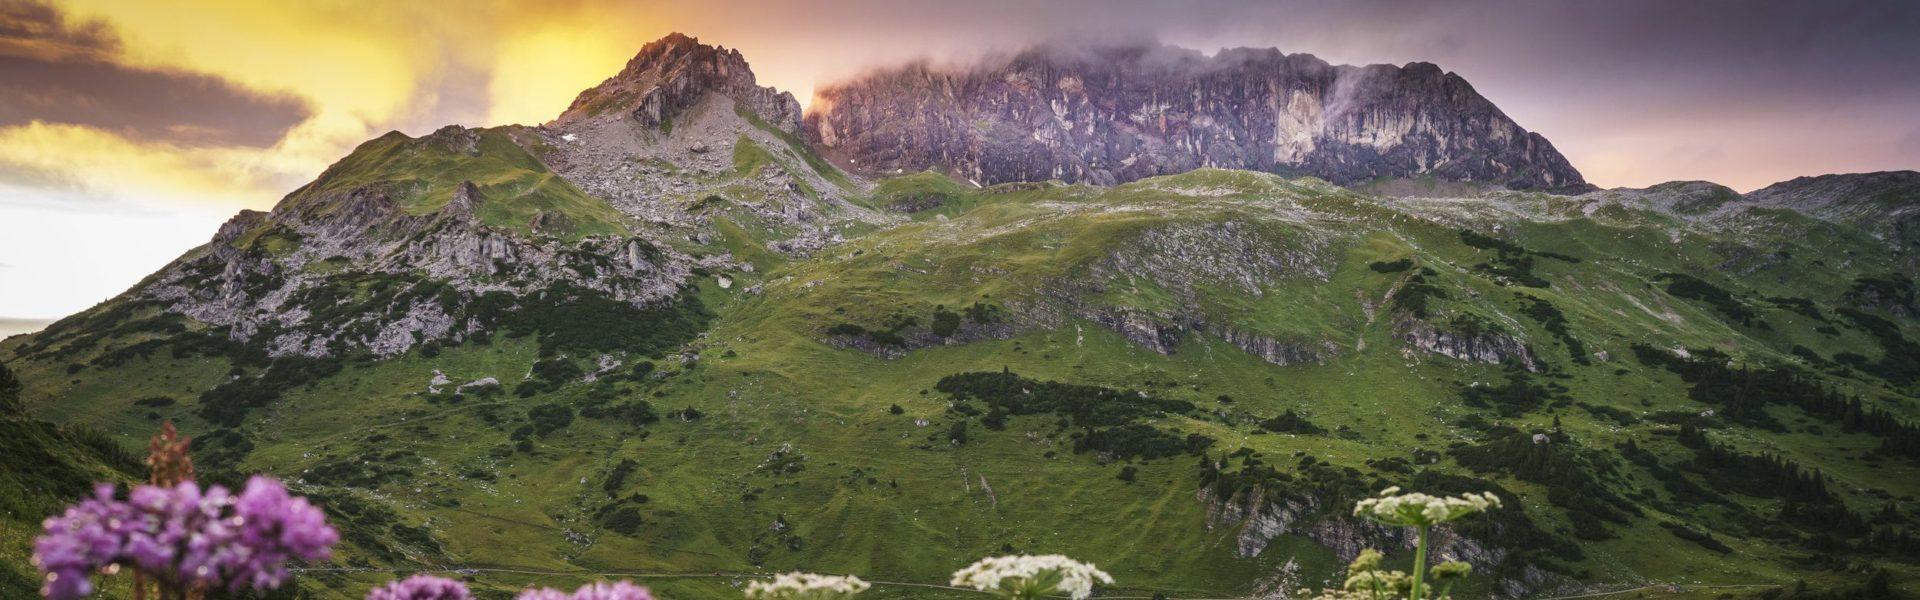 Formarinsee und Rote Wand (c) Dietmar Denger / Vorarlberg Tourismus